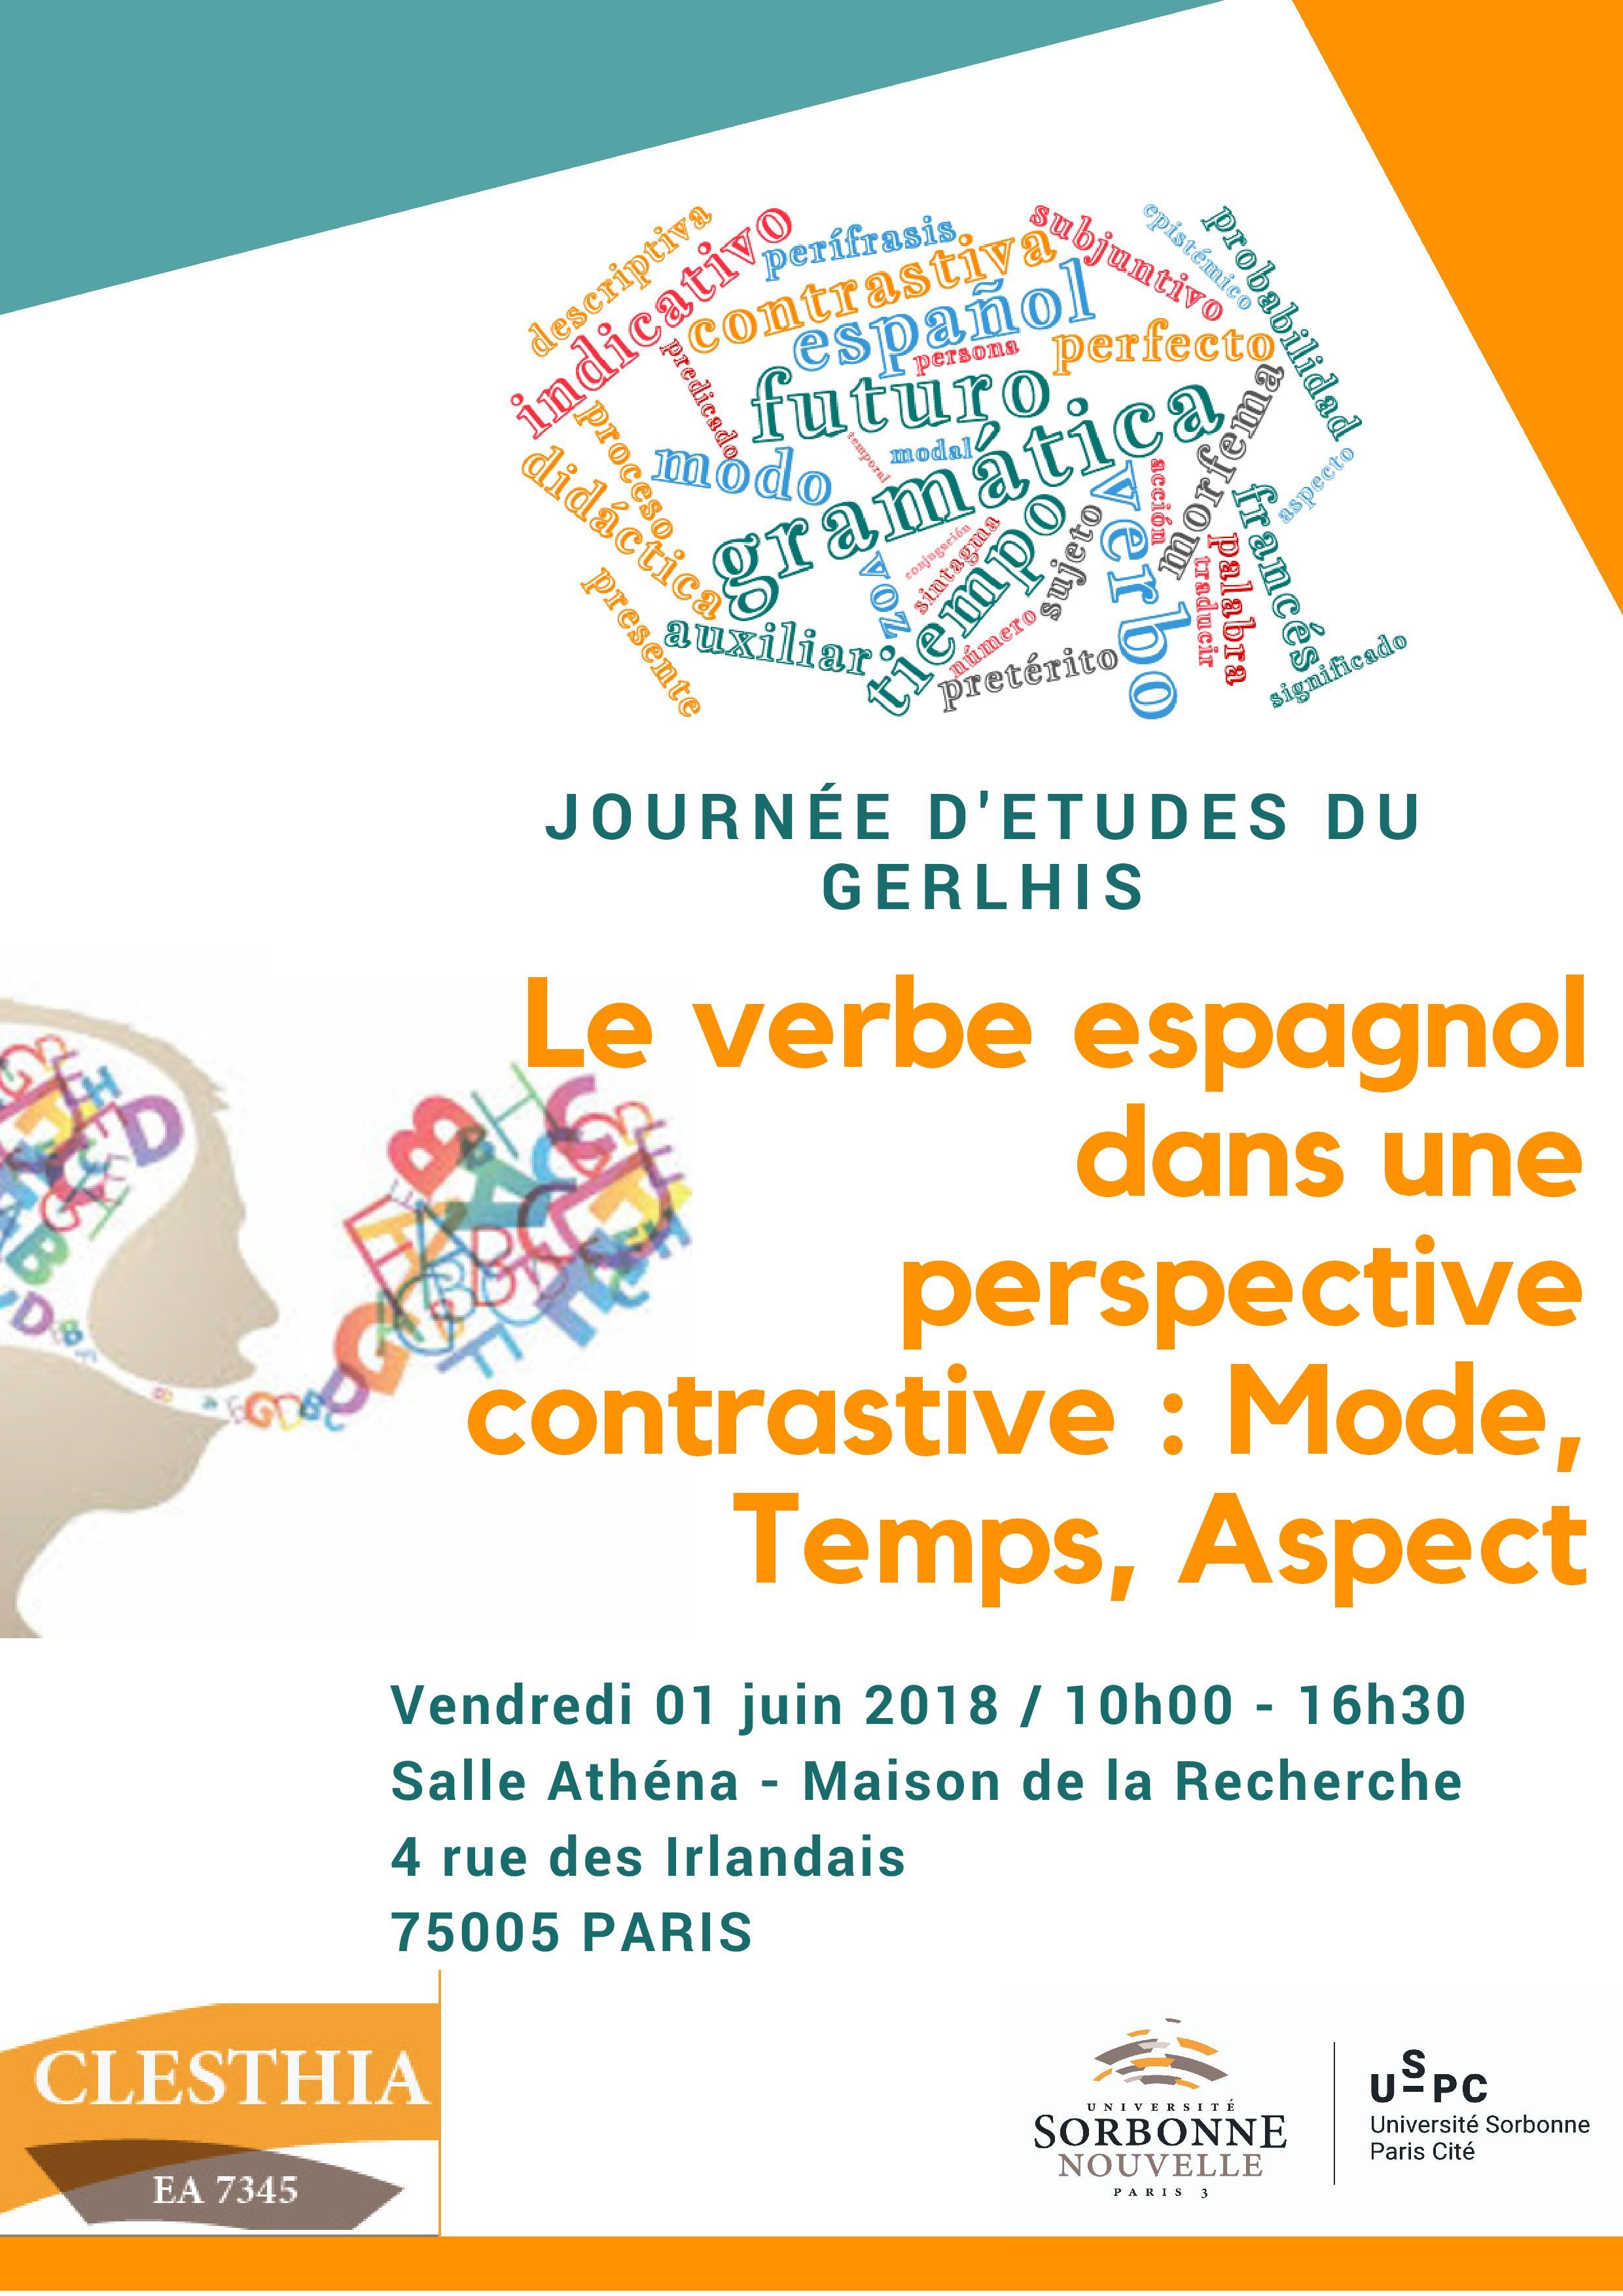 Le verbe espagnol dans une perspective contrastive _Temps, Mode, Aspect (2)-page-001.jpg